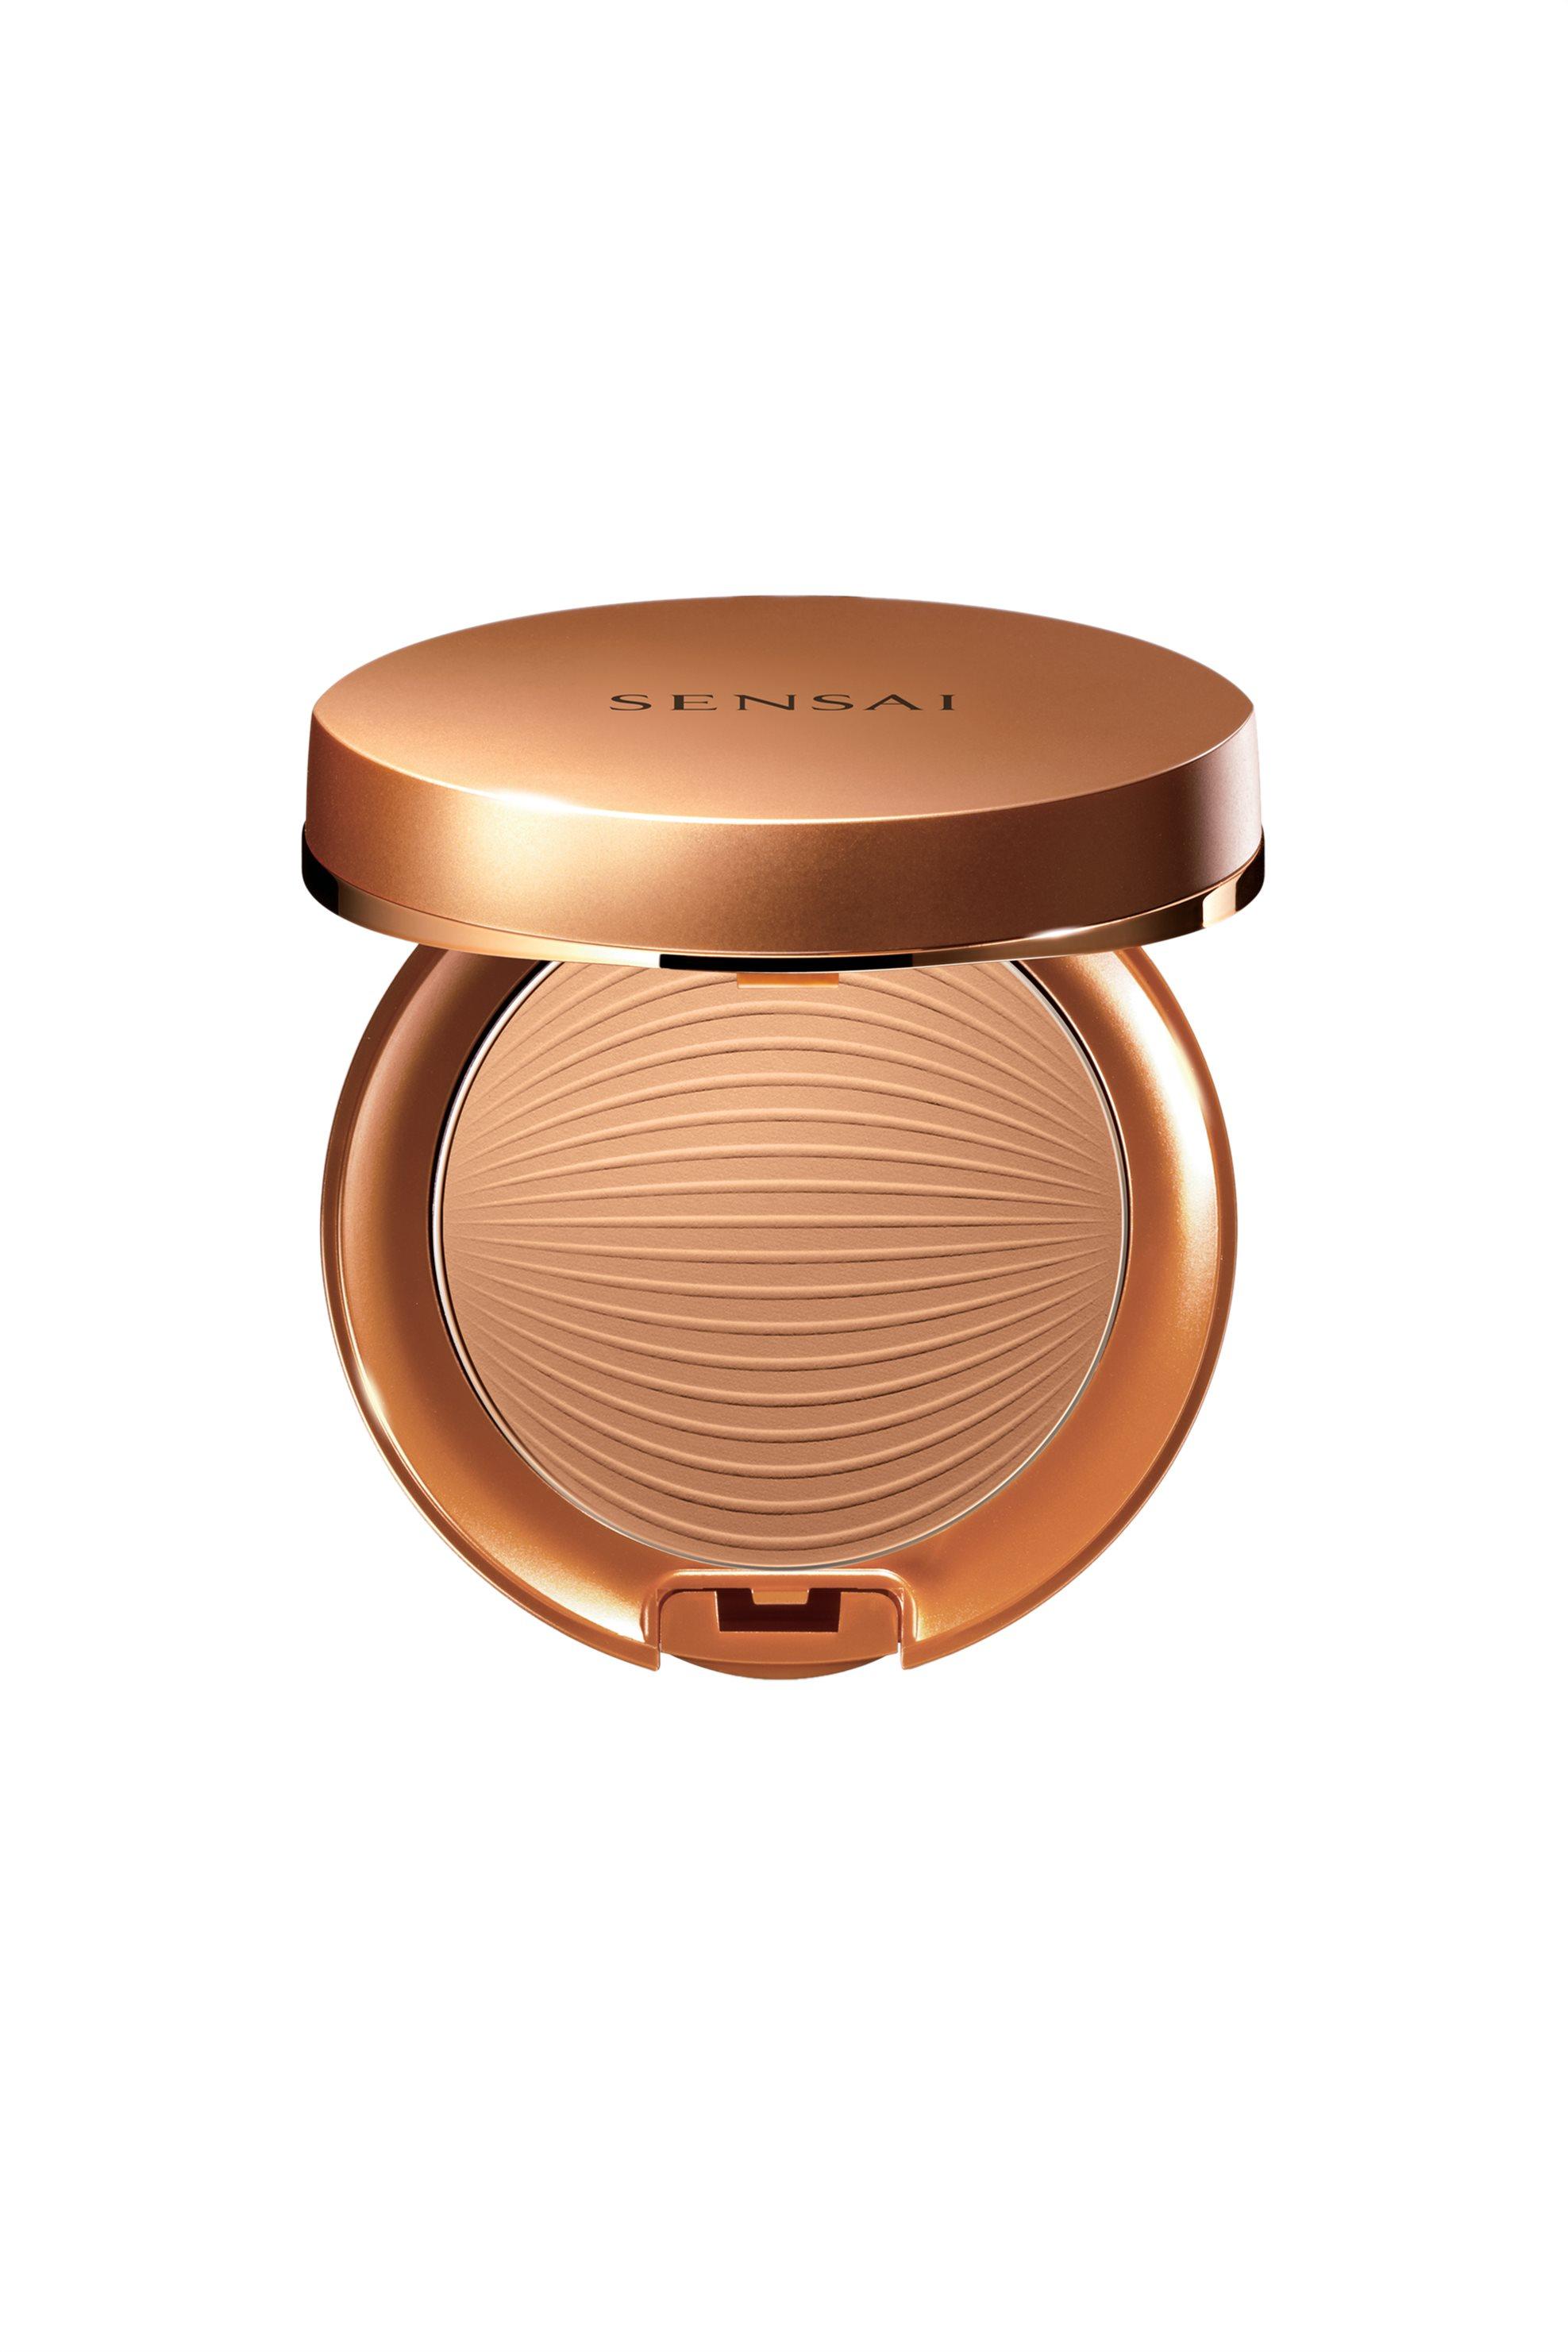 Sensai Silky Bronze Sun Protective Compact SC3 SPF 30 8,5 gr...